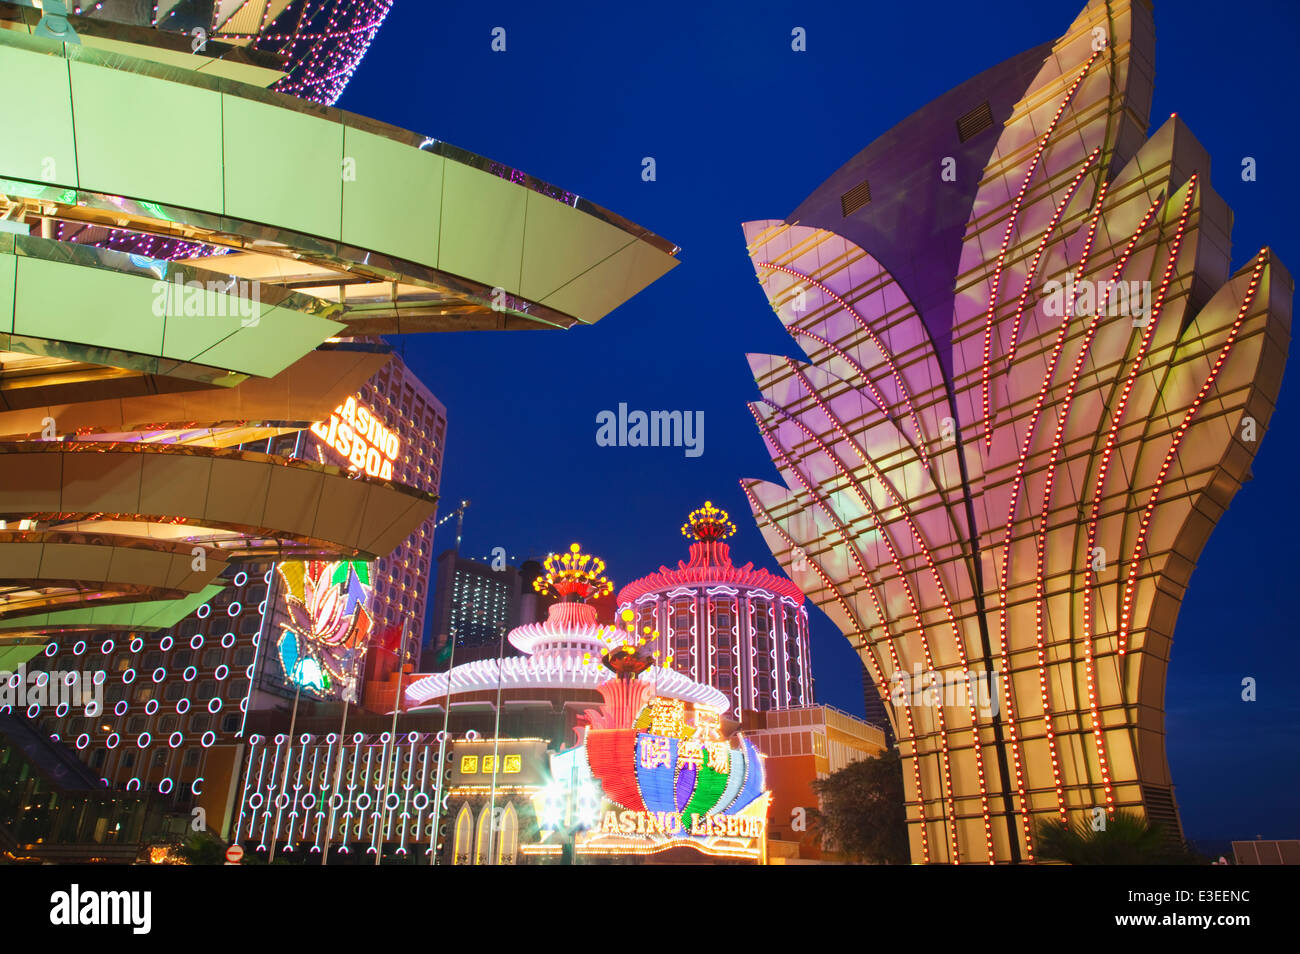 Casinos durante la noche; Macao, China Imagen De Stock